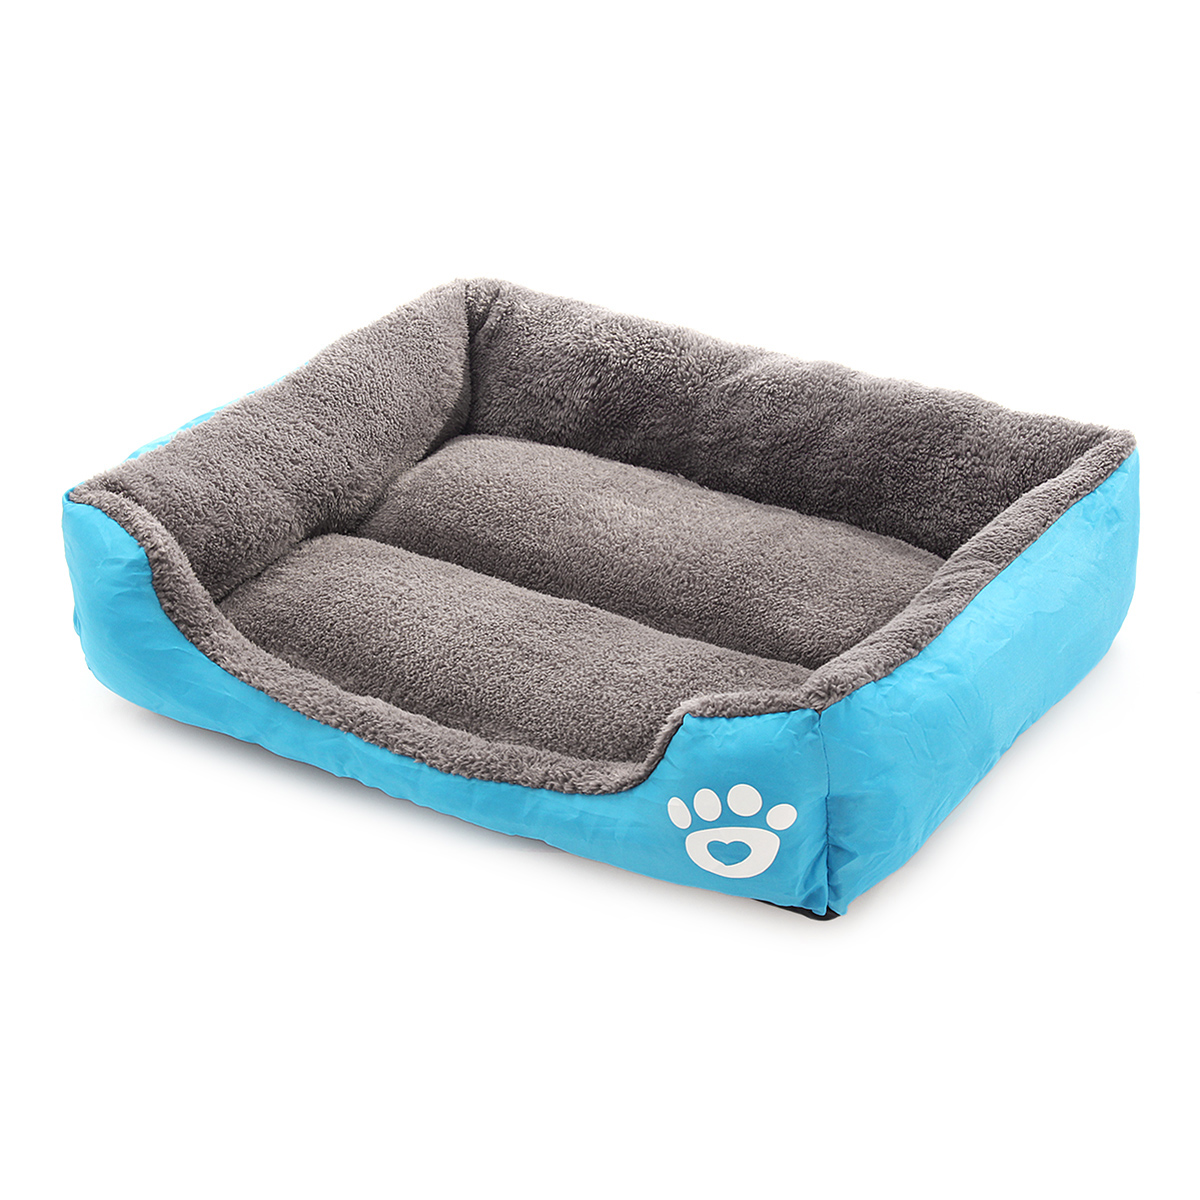 XL-Sofa-De-Mascotas-Gato-Cachorro-Perro-Gatito-Cama-Asientos-Cojines-Grande